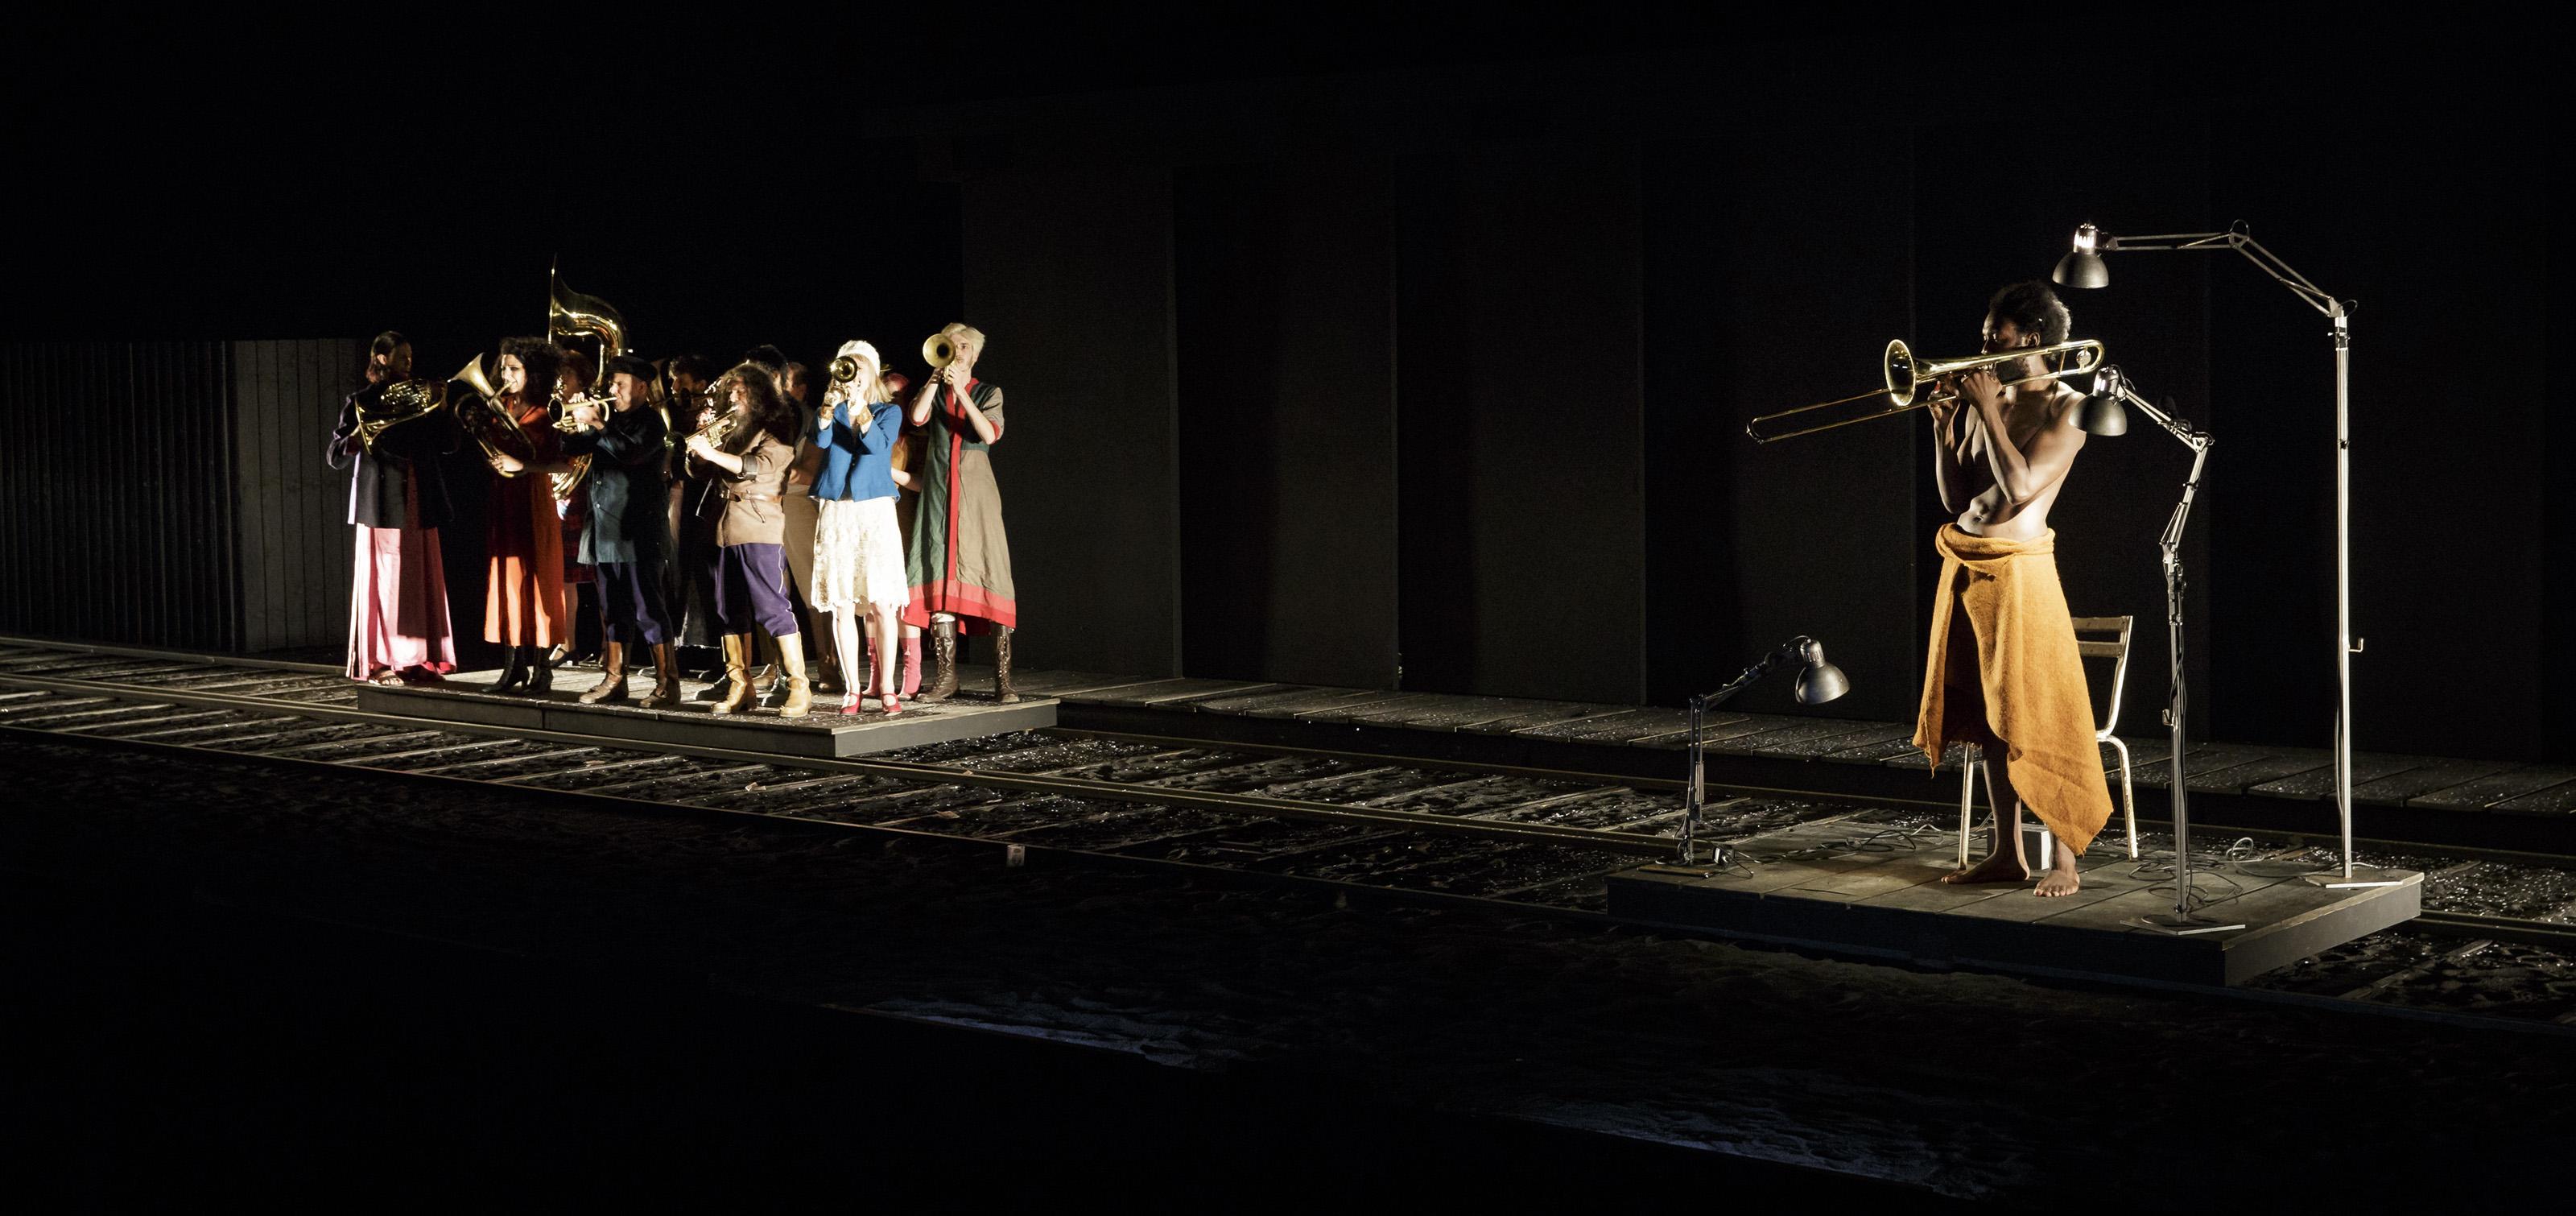 KARAMAZOV - D apres les freres karamazov de Fiodor DOSTOIESKI - de JEAN BELLORINI - Mise en scène, scénographie et lumière : Jean BELLORINI - Traduction : André MARKOWICZ - Adaptation : Jean BELLORINI, Camille DE LA GUILLAUNNIERE - Costumes, accessoires : Macha MAKEIEFF - Musique : Jean BELLORINI, Michalis BOLIAKIS, Hugo SABLIC - Son : Sébastien TROUVE - Coiffures, maquillage : Cécile KRETSCHMAR - Assistanat à la mise en scène : Mélodie-Amy WALLET - Avec : Michalis BOLIAKIS - François DEBLOCK - Mathieu DELMONTE - Karyll ELGRICHI - Jean-Christophe FOLLY - Jules GARREAU - Camille DE LA GUILLONNIERE - Jacques HADJAJE - Blanche LELEU - Clara MAYER - Teddy MELIS - Marc PLAS - Geoffroy RONDEAU - Hugo SABLIC - Dans le cadre du 70eme festival d Avignon - Lieu : Carriere de Boulbon - Ville : Avignon - Le : 09 07 16 - Photo : Christophe RAYNAUD DE LAGE